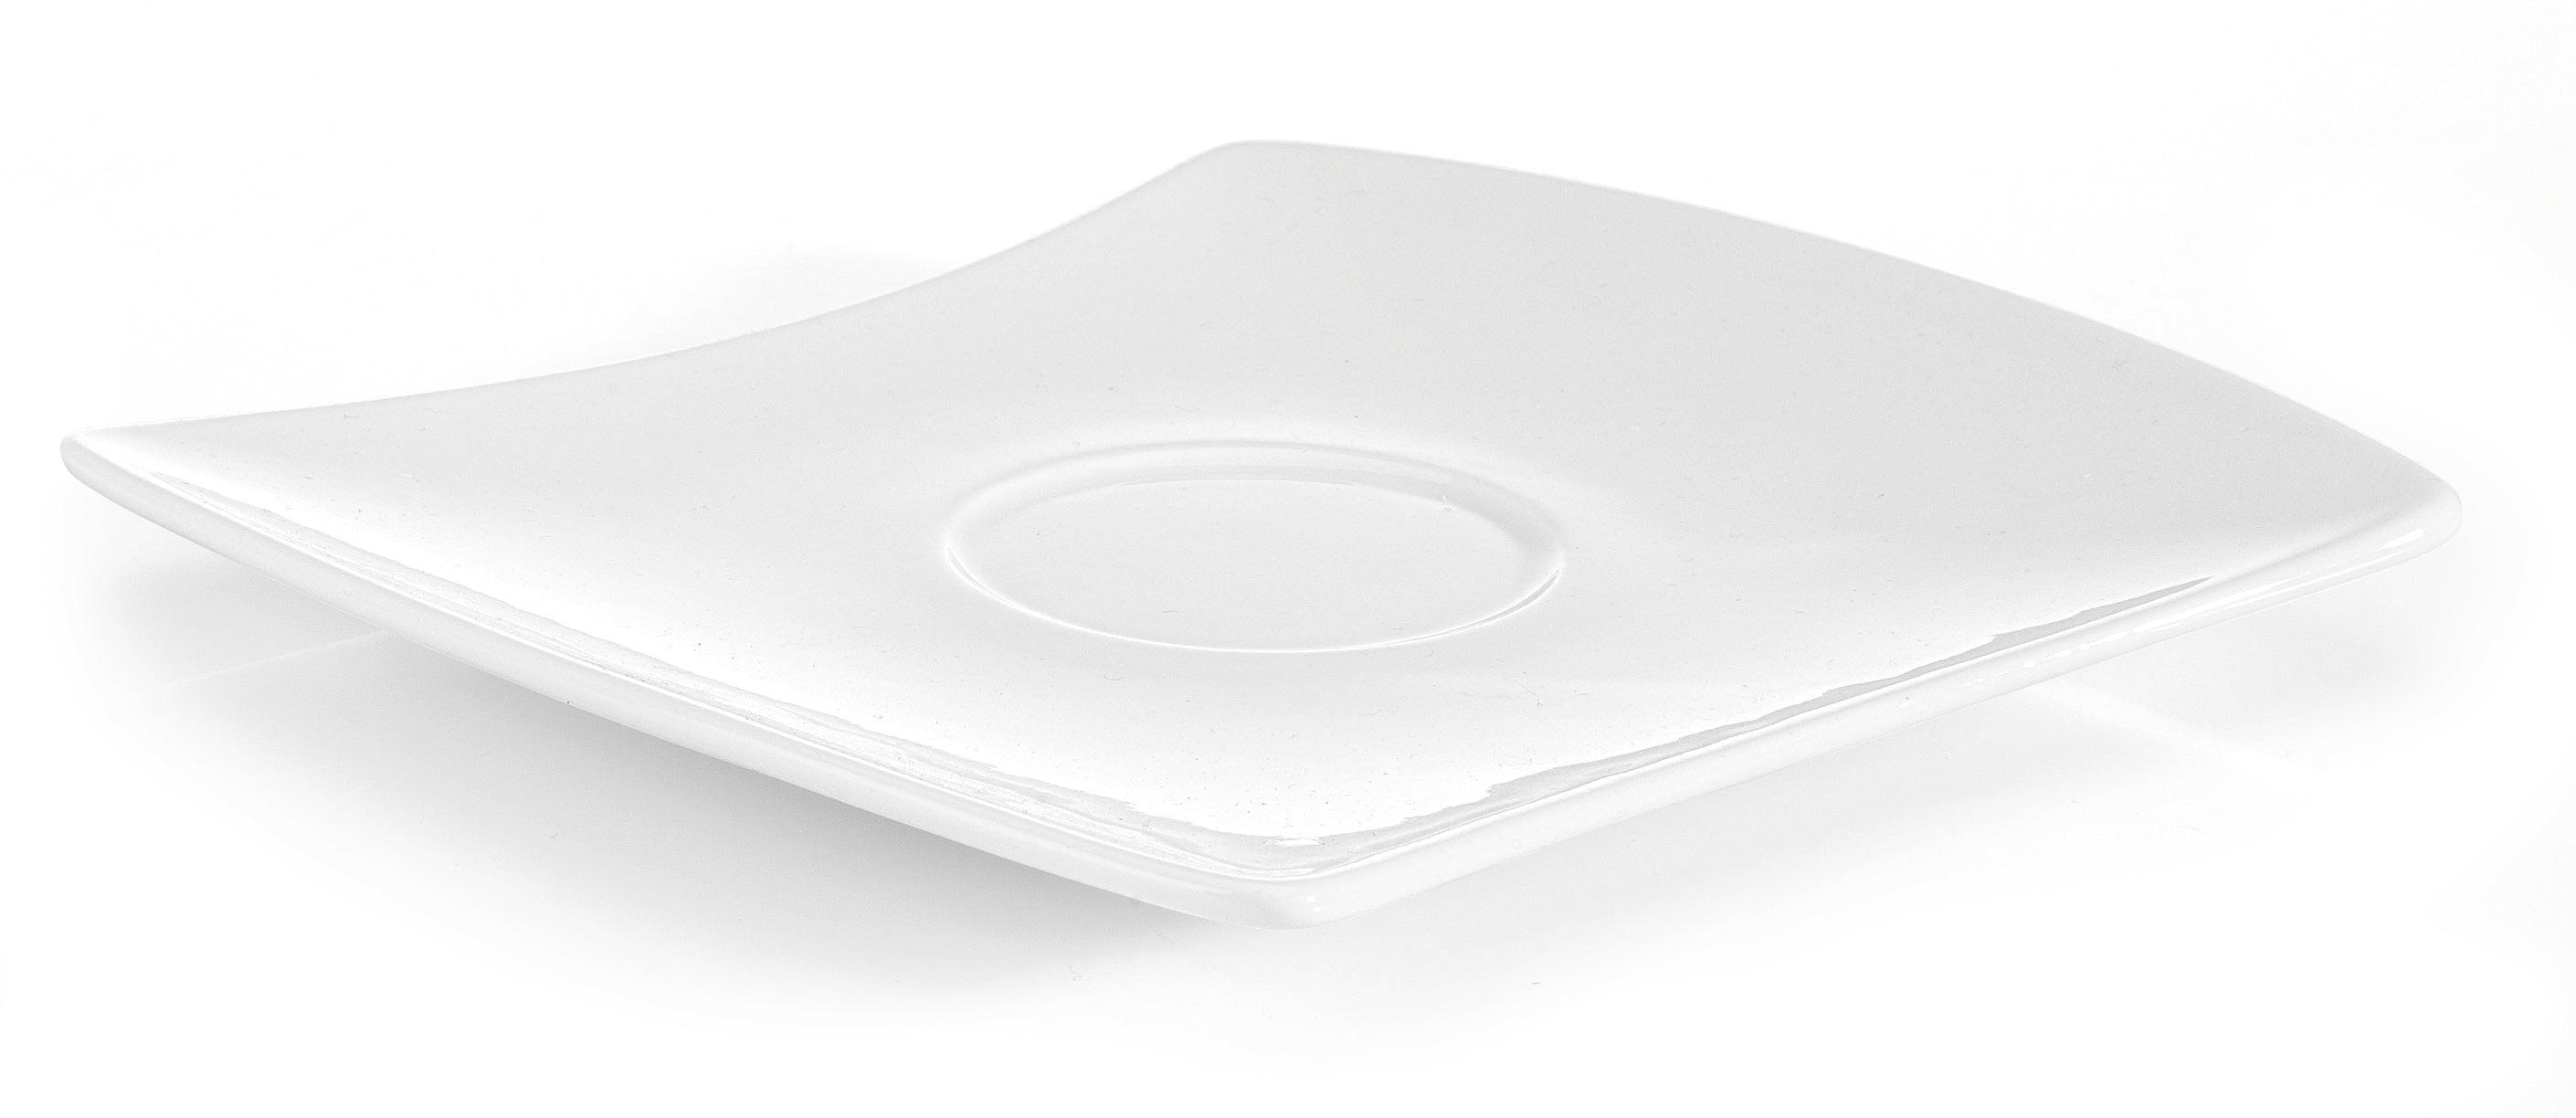 Podšálek Tacoma -top- - bílá, Lifestyle, keramika (16/2,2/14,6cm) - PREMIUM LIVING